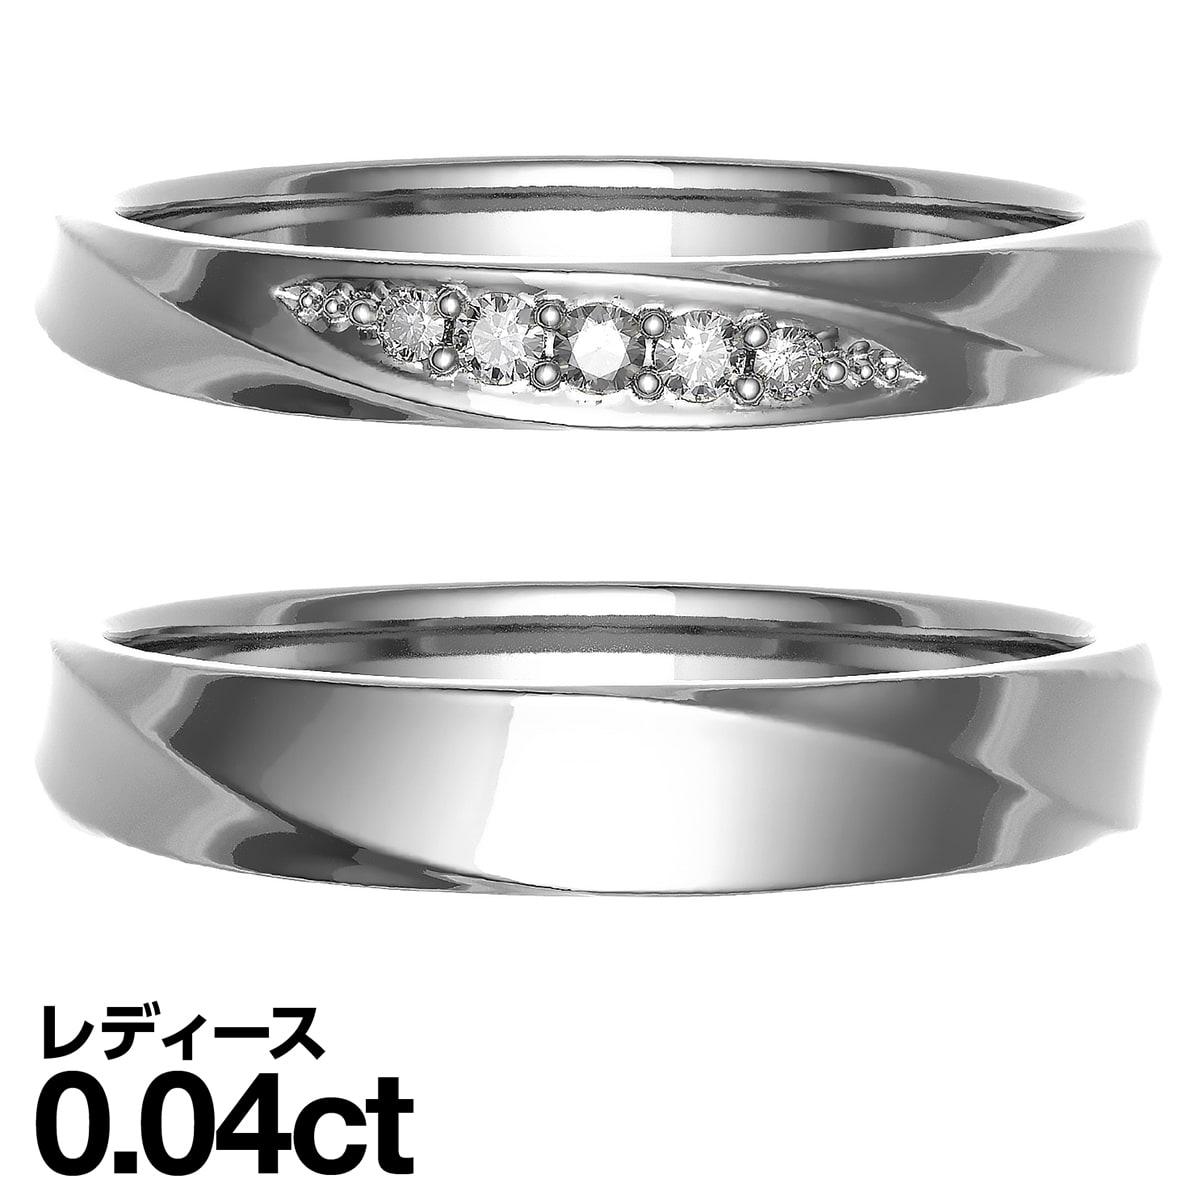 ブライダルジュエリー・アクセサリー, 結婚指輪・マリッジリング  925 2